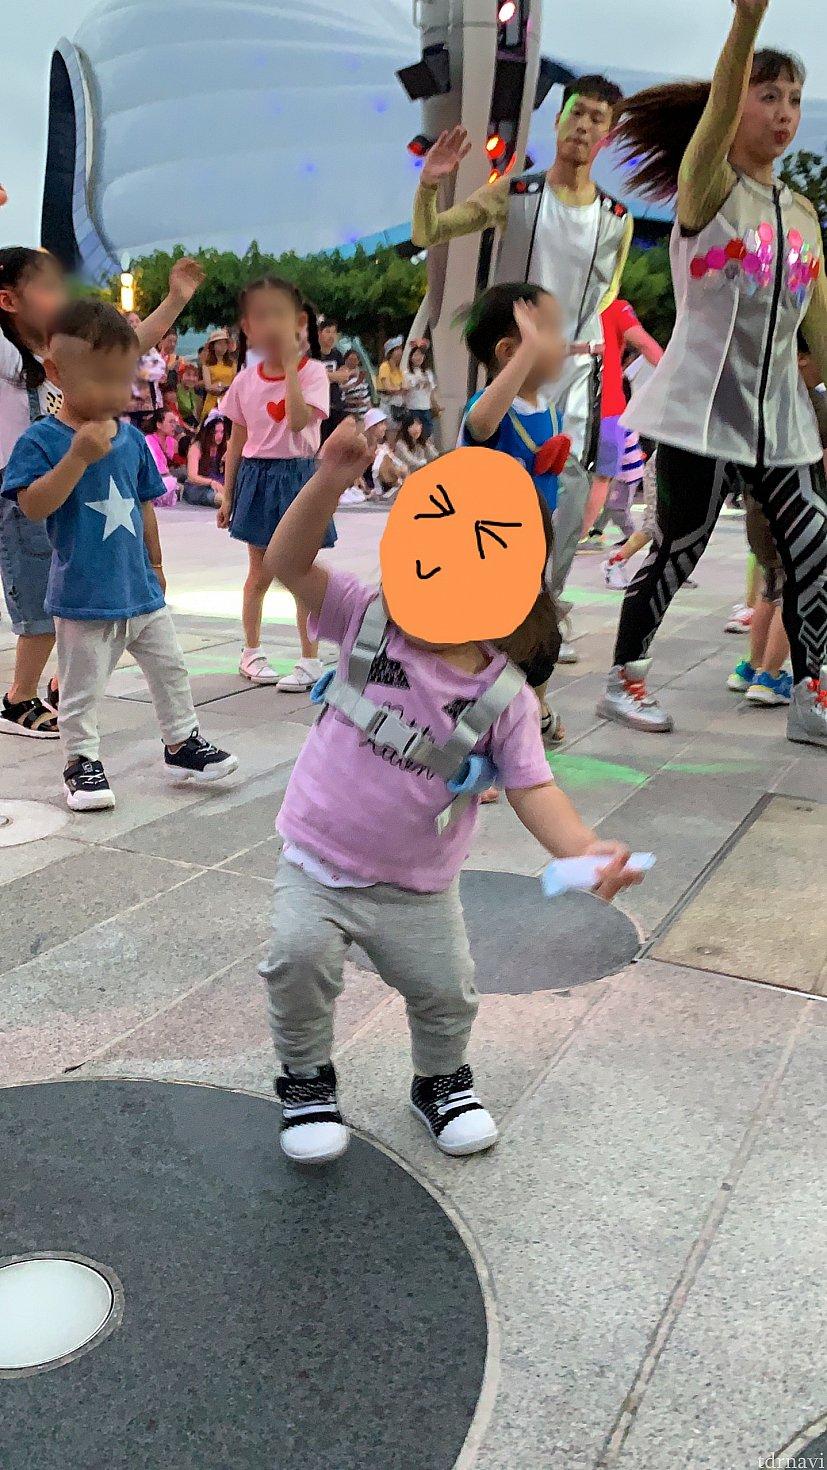 我が子もノリノリで踊ってました(笑